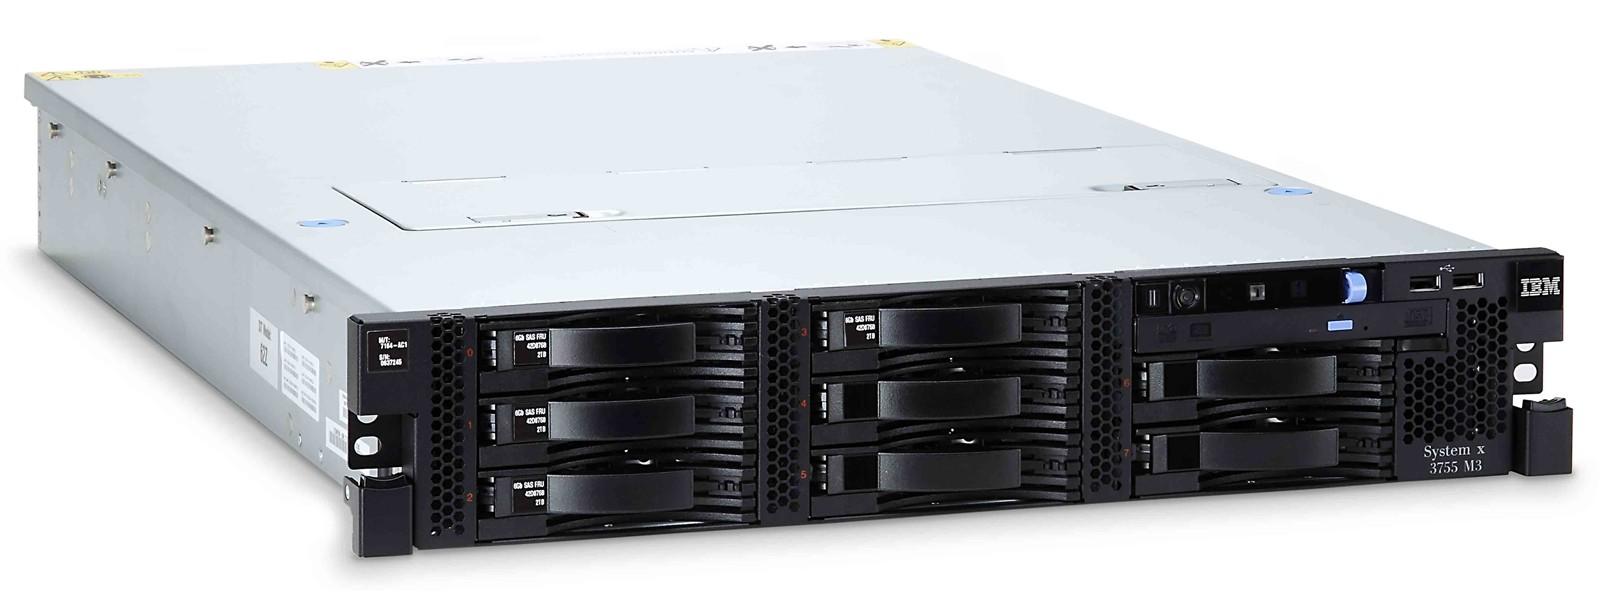 【新品/取寄品/代引不可】System x3755 M3/Opte-6262HE(16) 1.60GHz×4/PC3L-10600 32.0GB(4.0×8)(Chipkill)/RAID-M1015/POW(1100W×1)/OSなし/3年保証24x